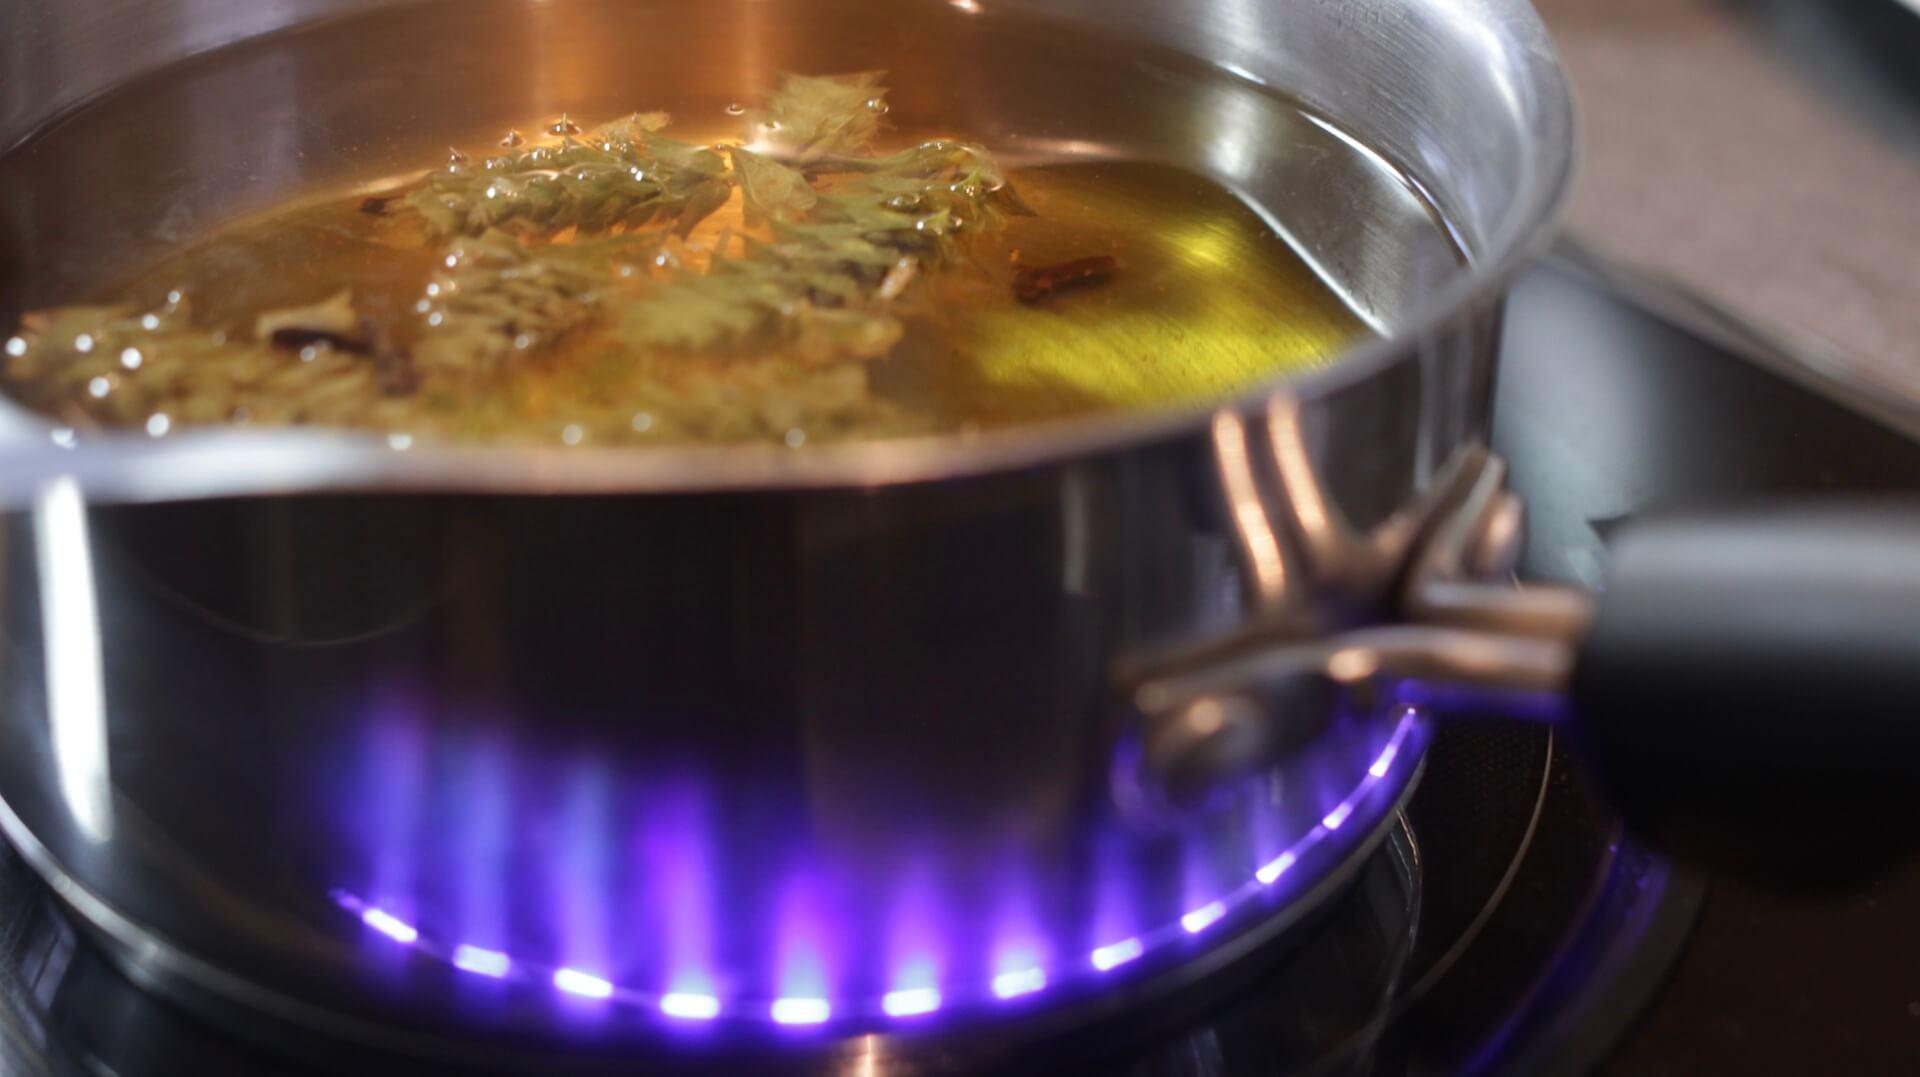 Herbatka jesienna z gojnikiem bezglutenowa kuchnia wegańska Atelier Smaku